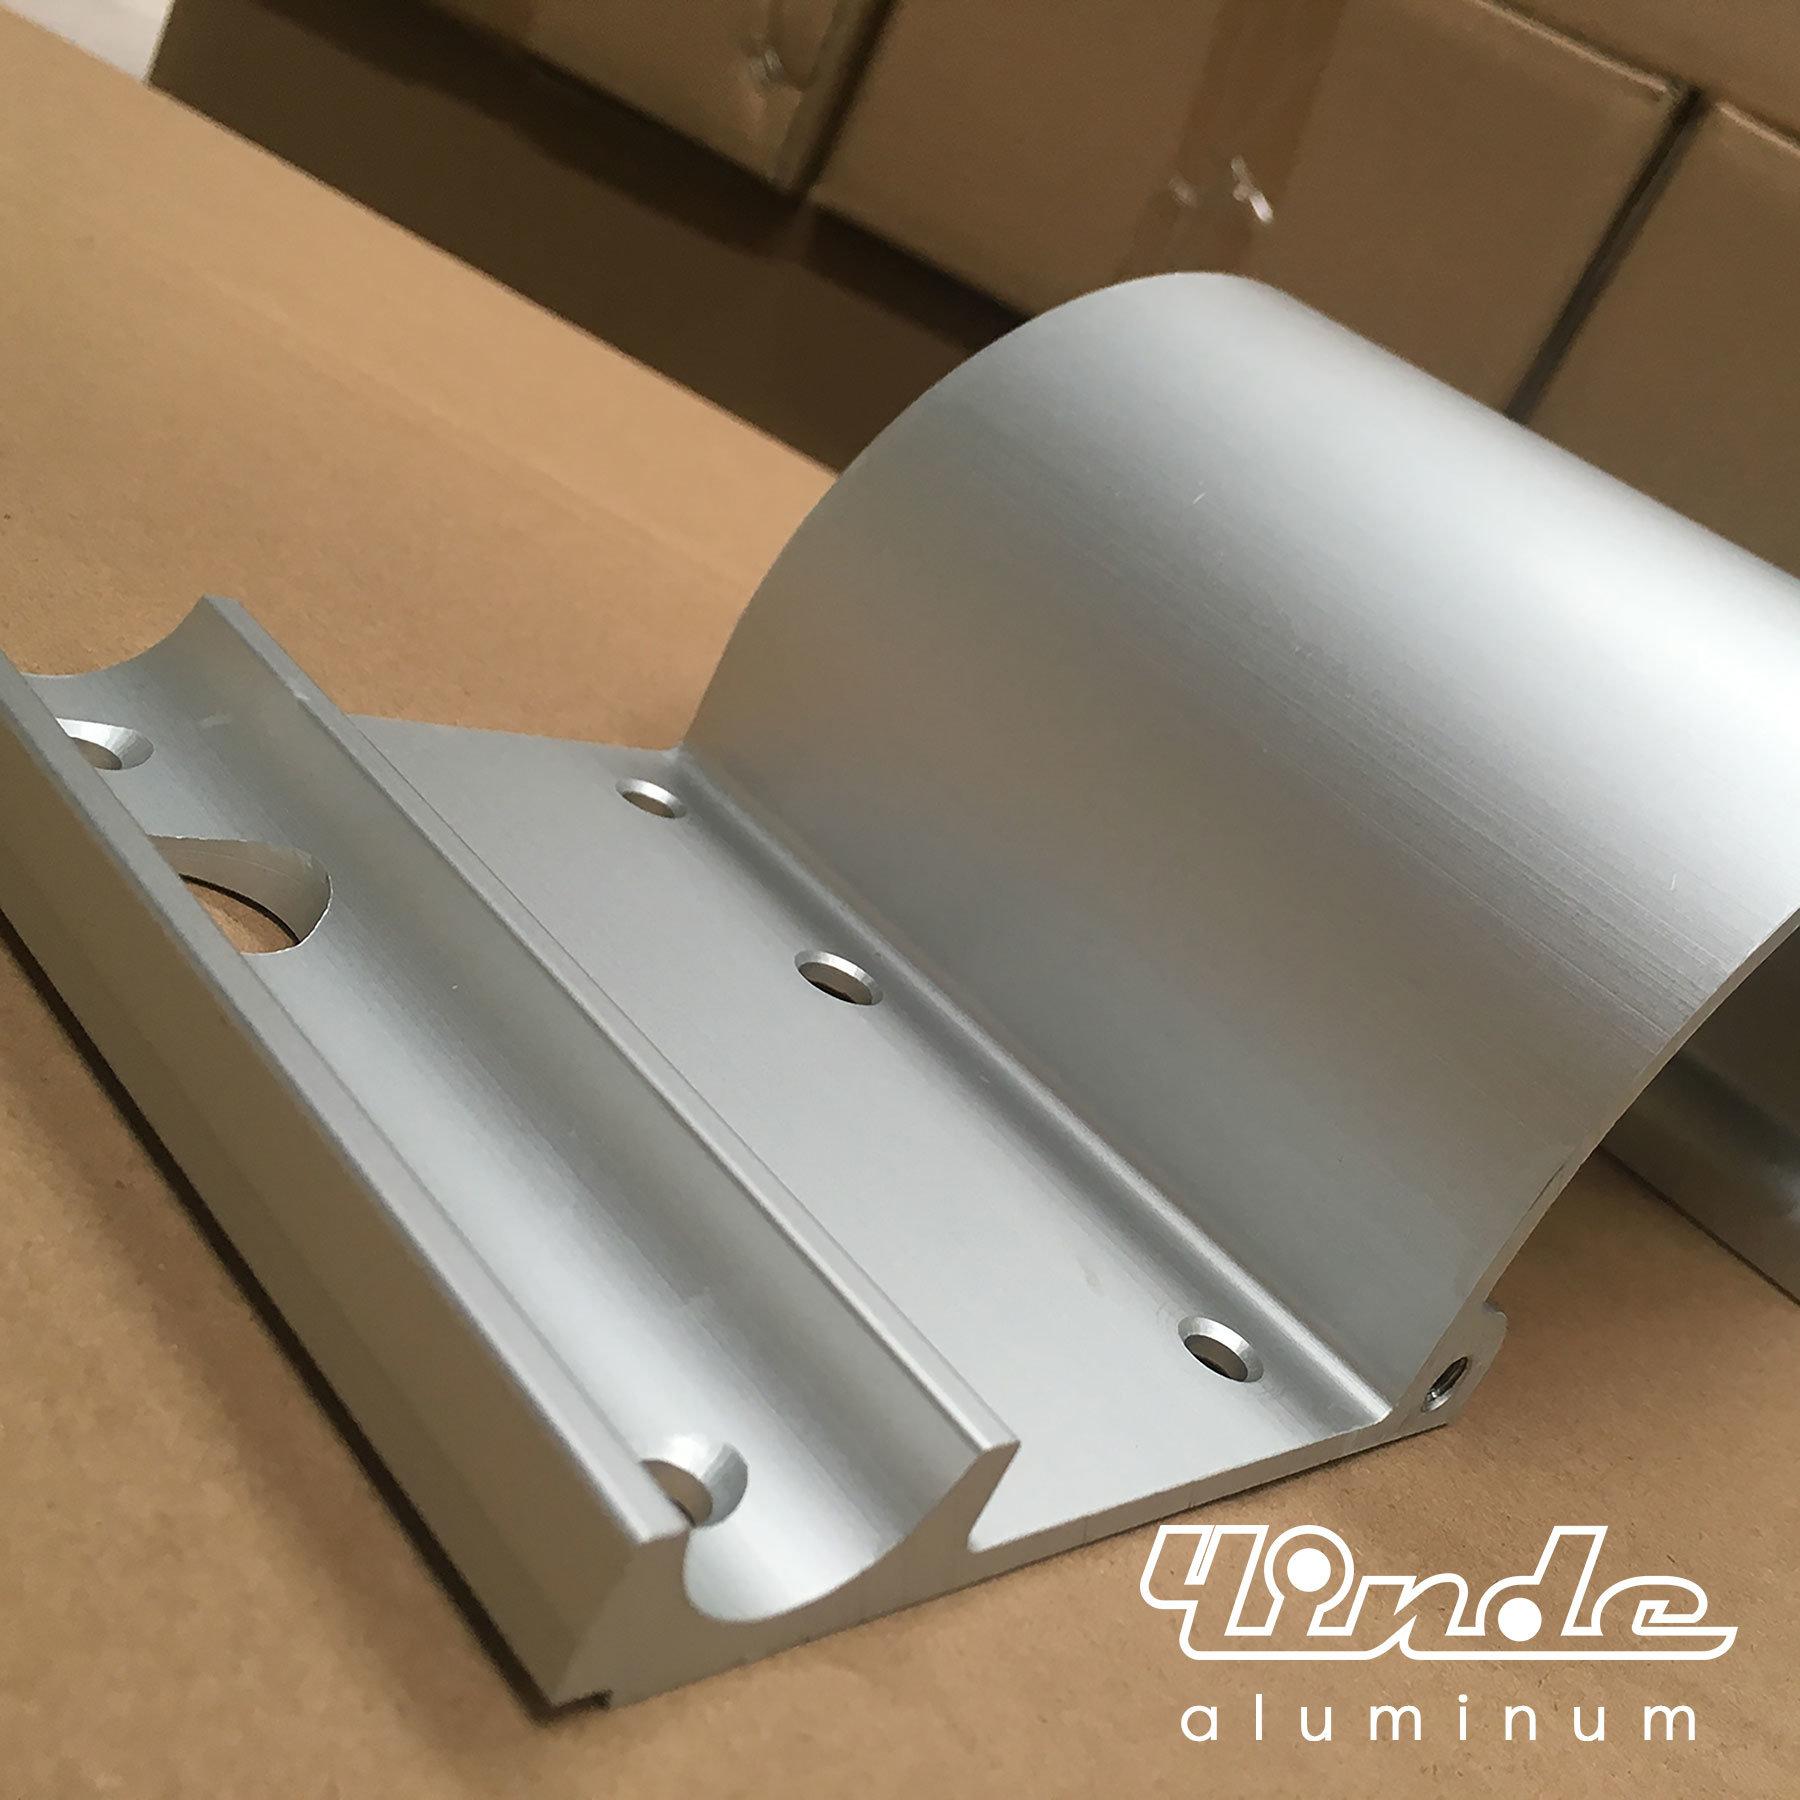 Aluminum Extrusion/Extruded Aluminium Profile for Pipe Bracket